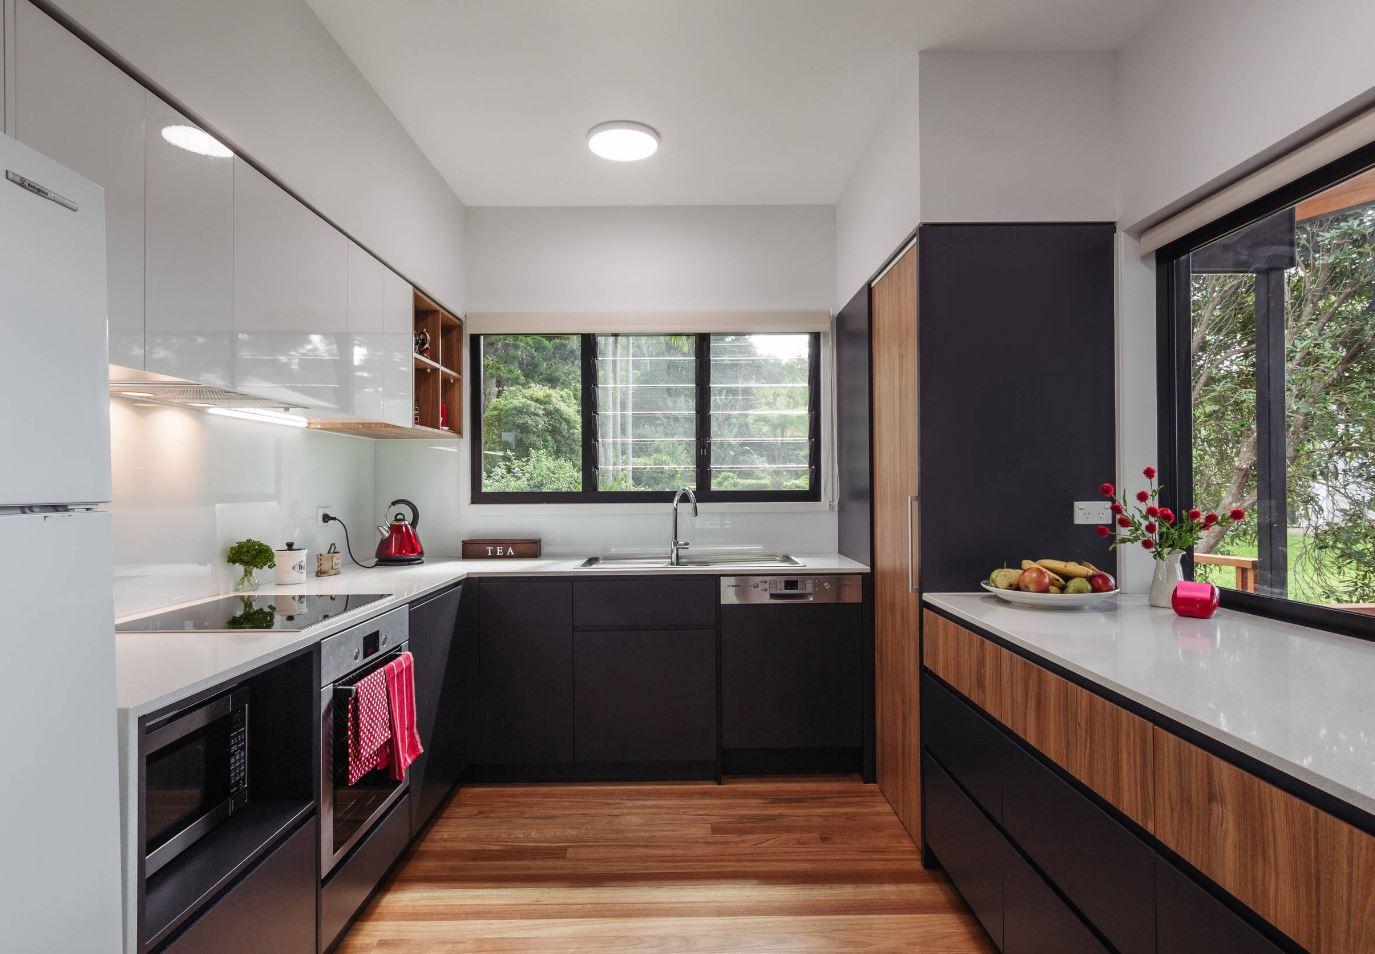 Кухня 12 кв м с п-образной планировкой